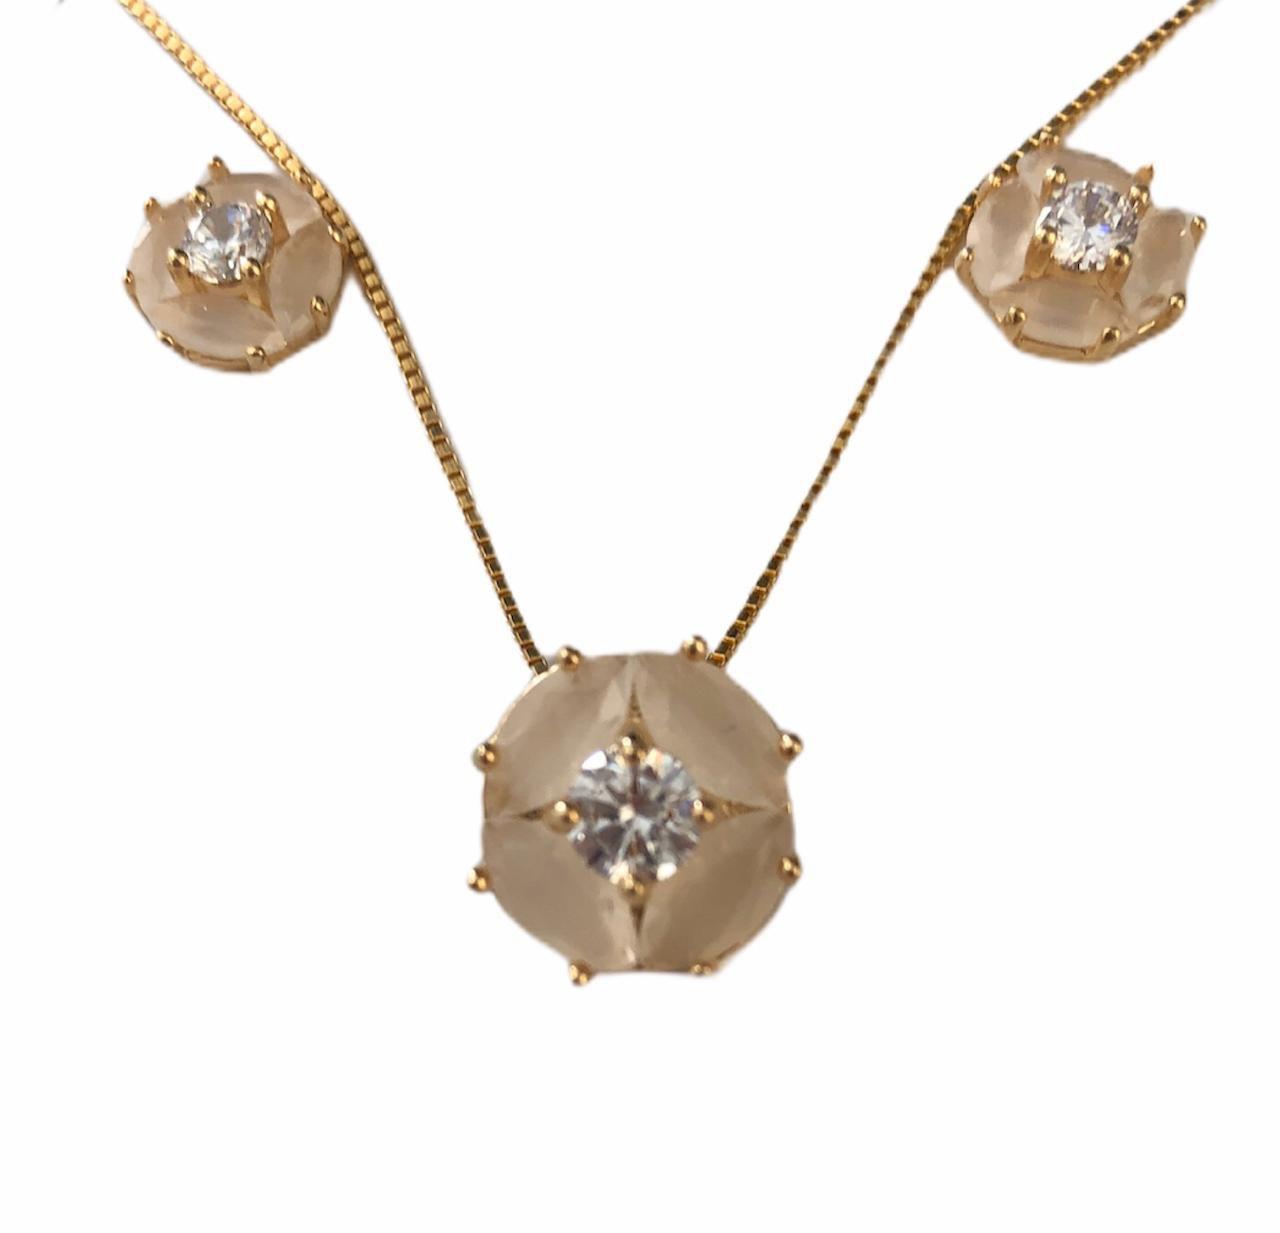 Conjunto Oval Zirconia Opaca Banhado em Ouro 18k